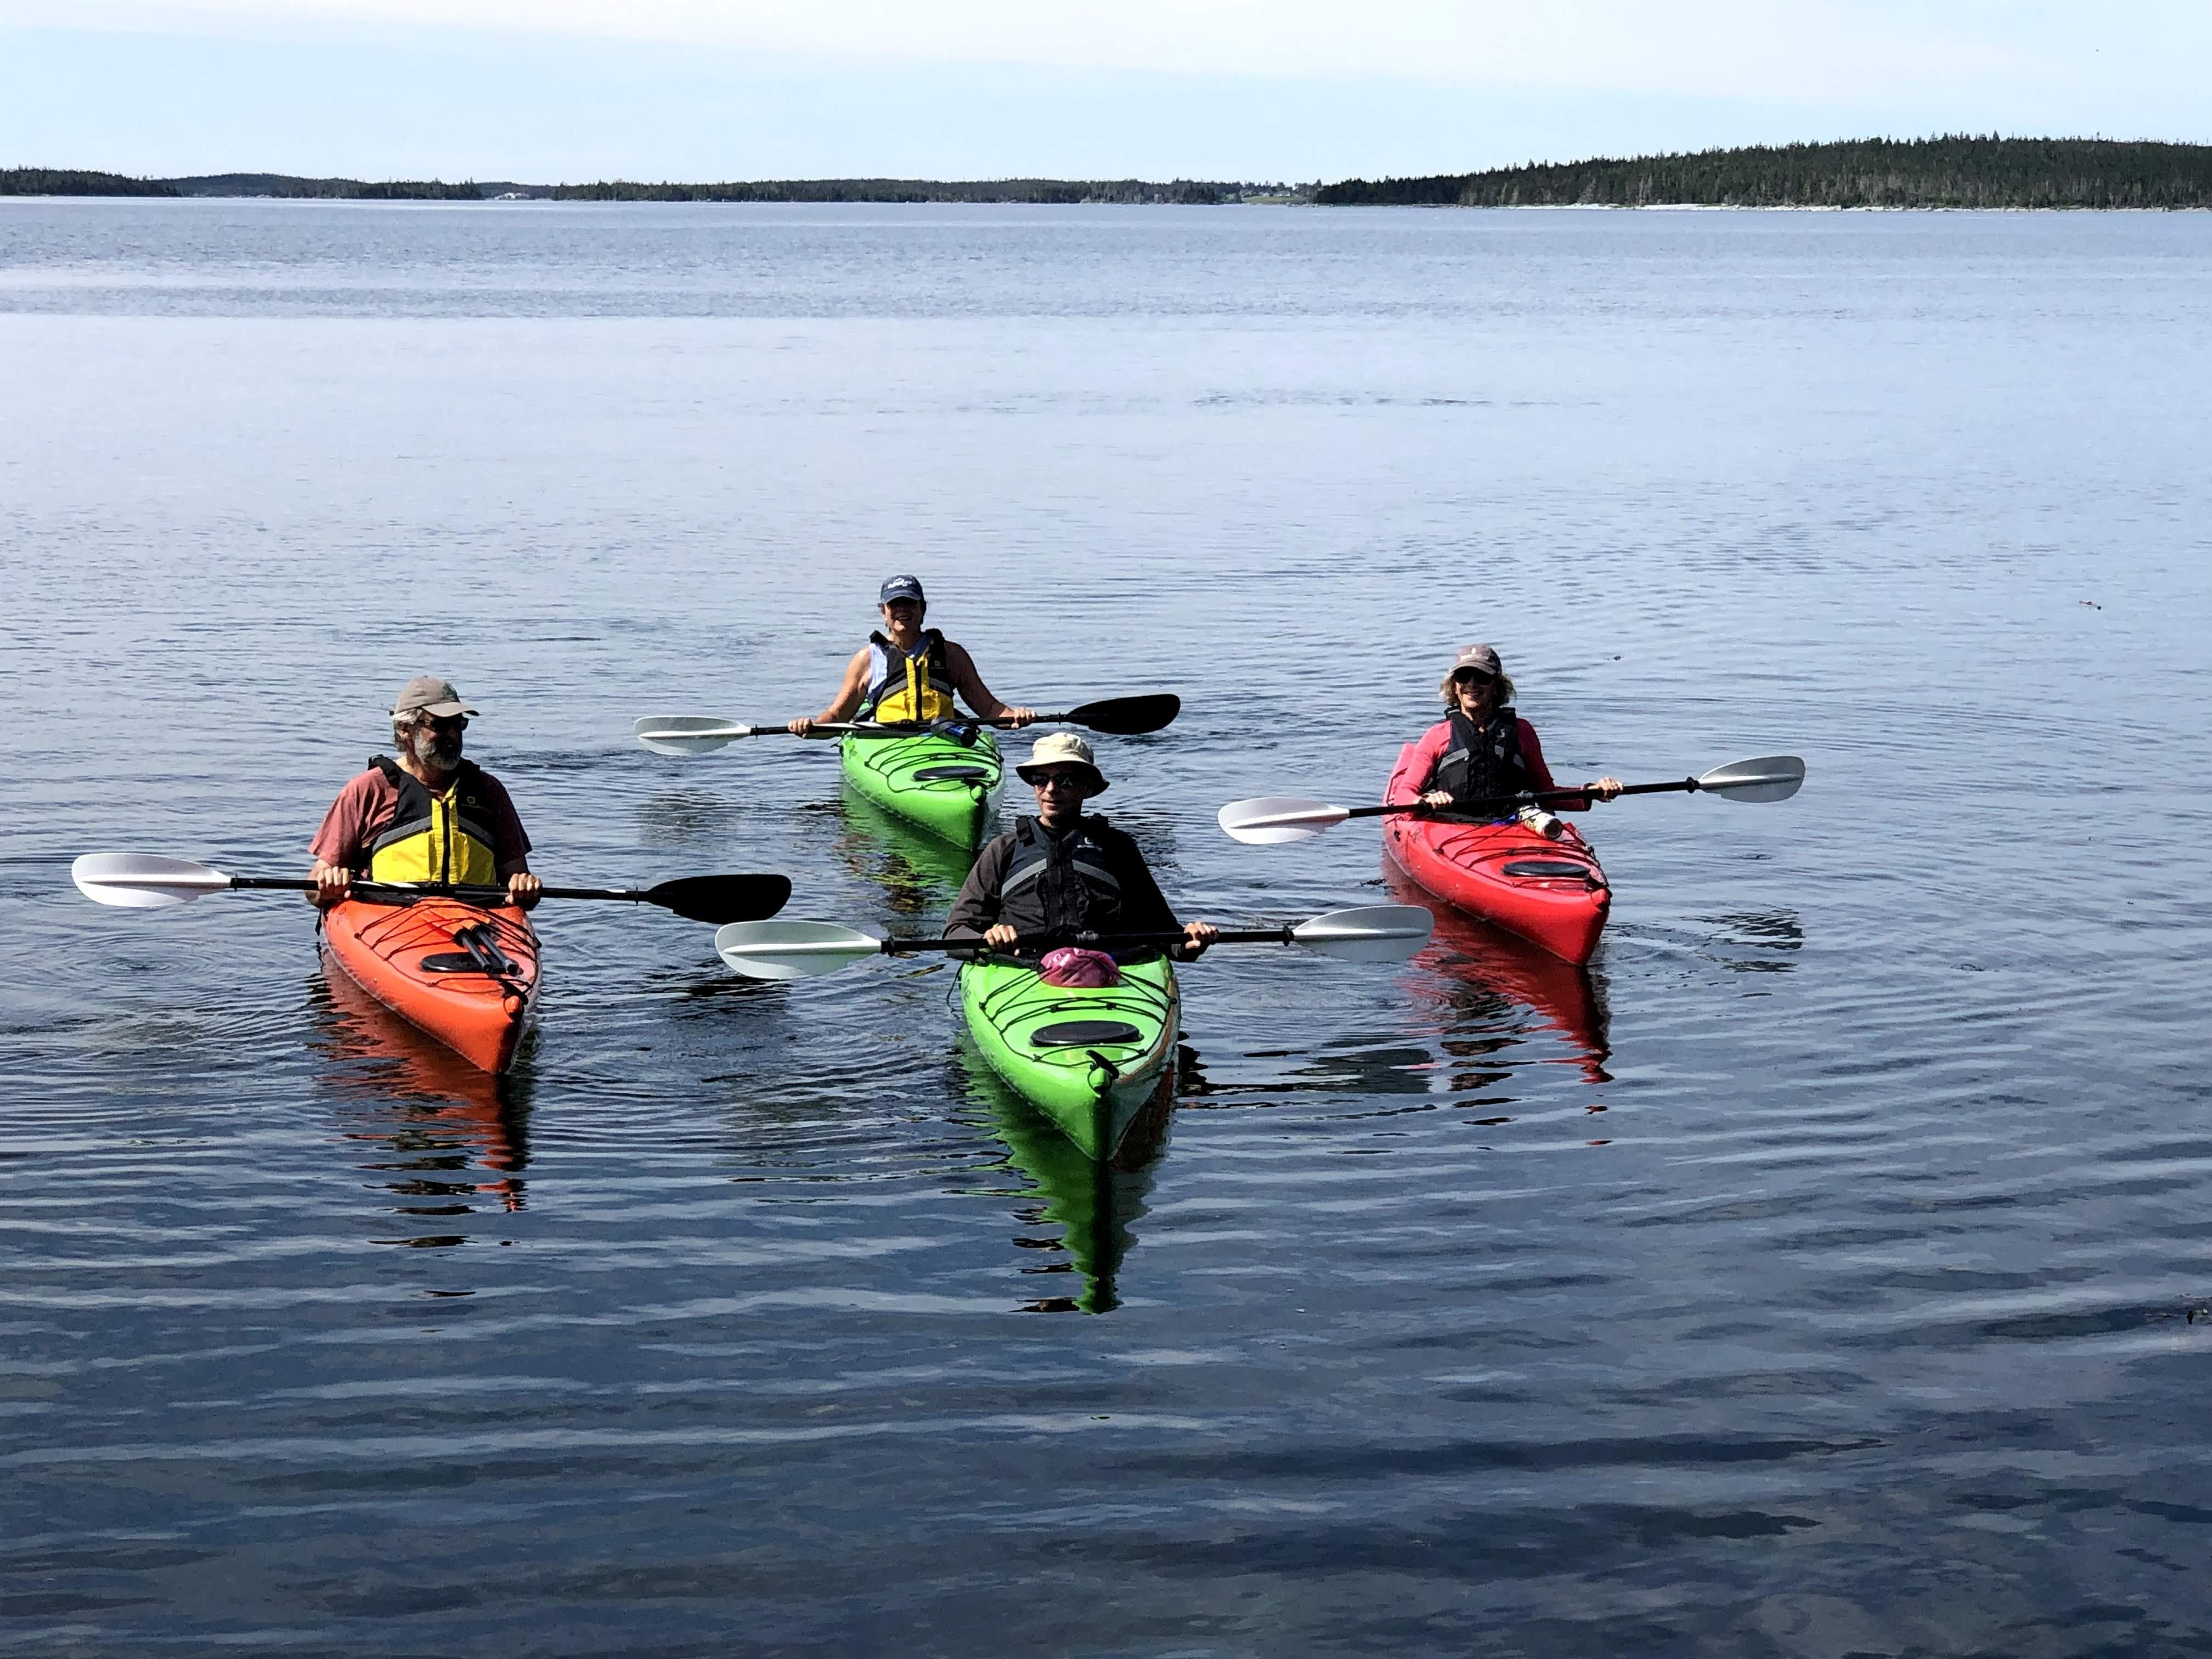 sea kayaks, Wild Islands, kayaks, rental kayak, kayak tour, Nova Scotia